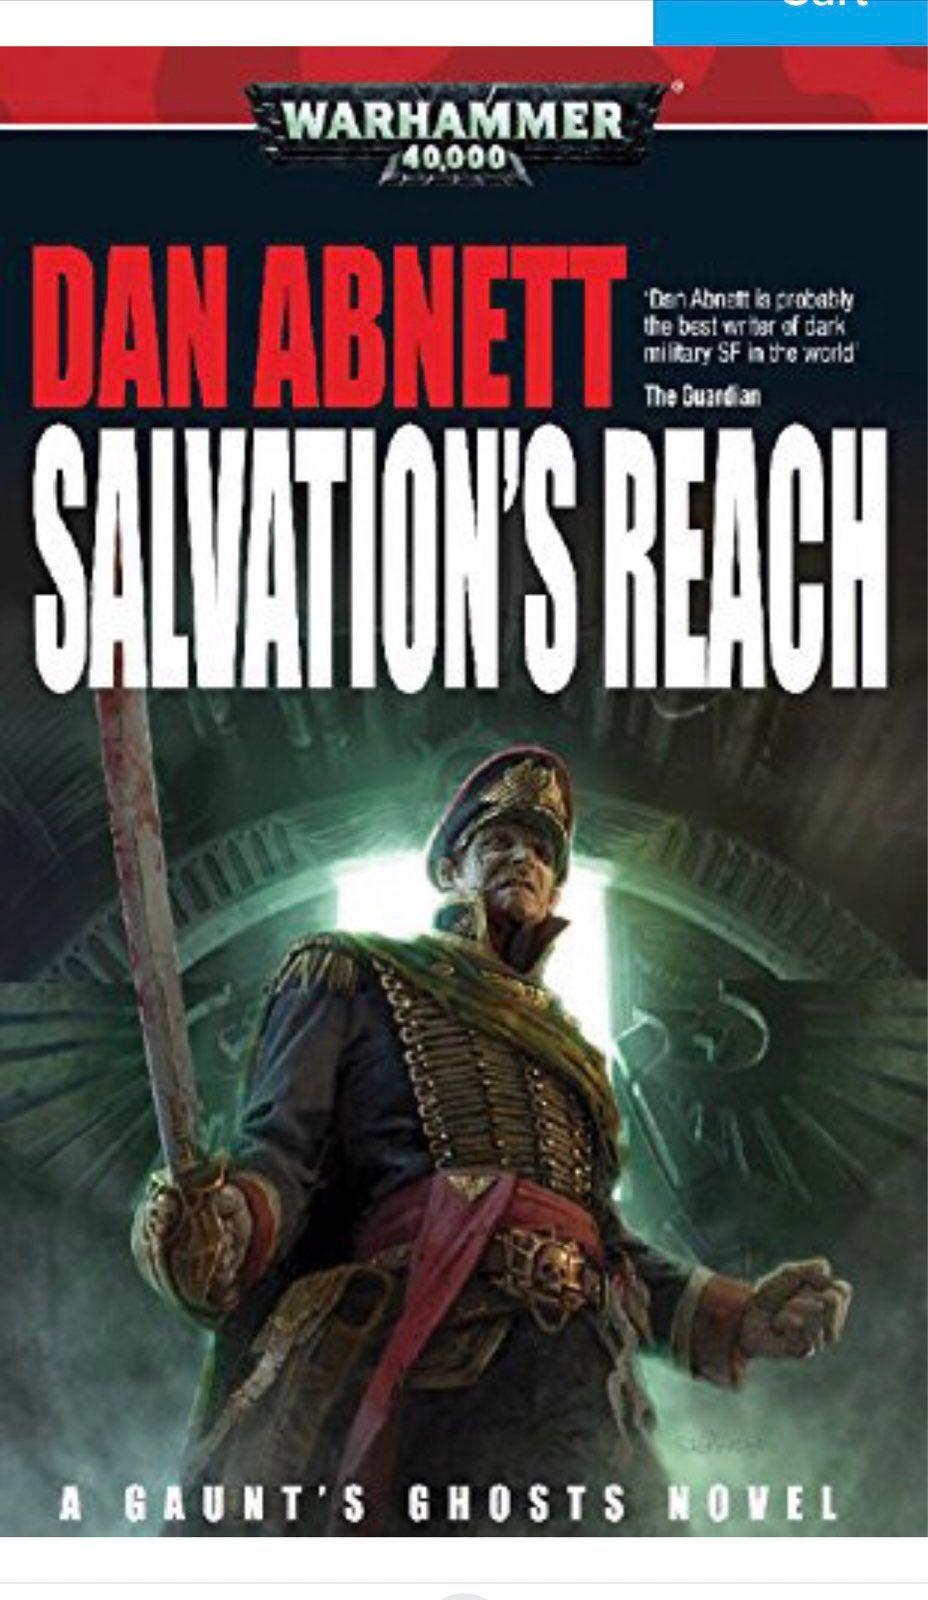 Salvation's Reach by Dan Abnett, Warhammer 40,000 book